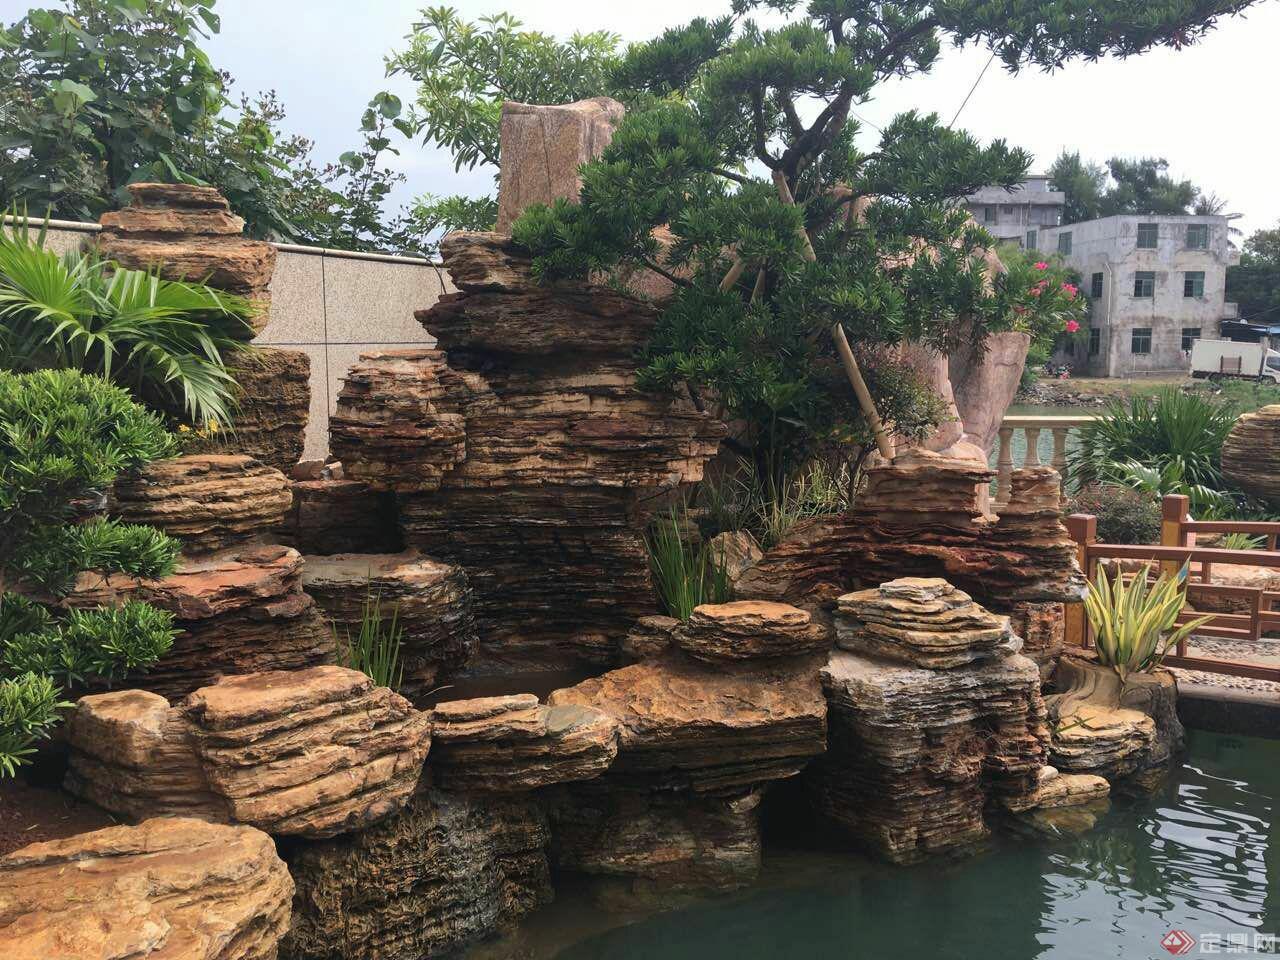 千层石假山庭院 驳岸-粤山水假山庭院设计曾平